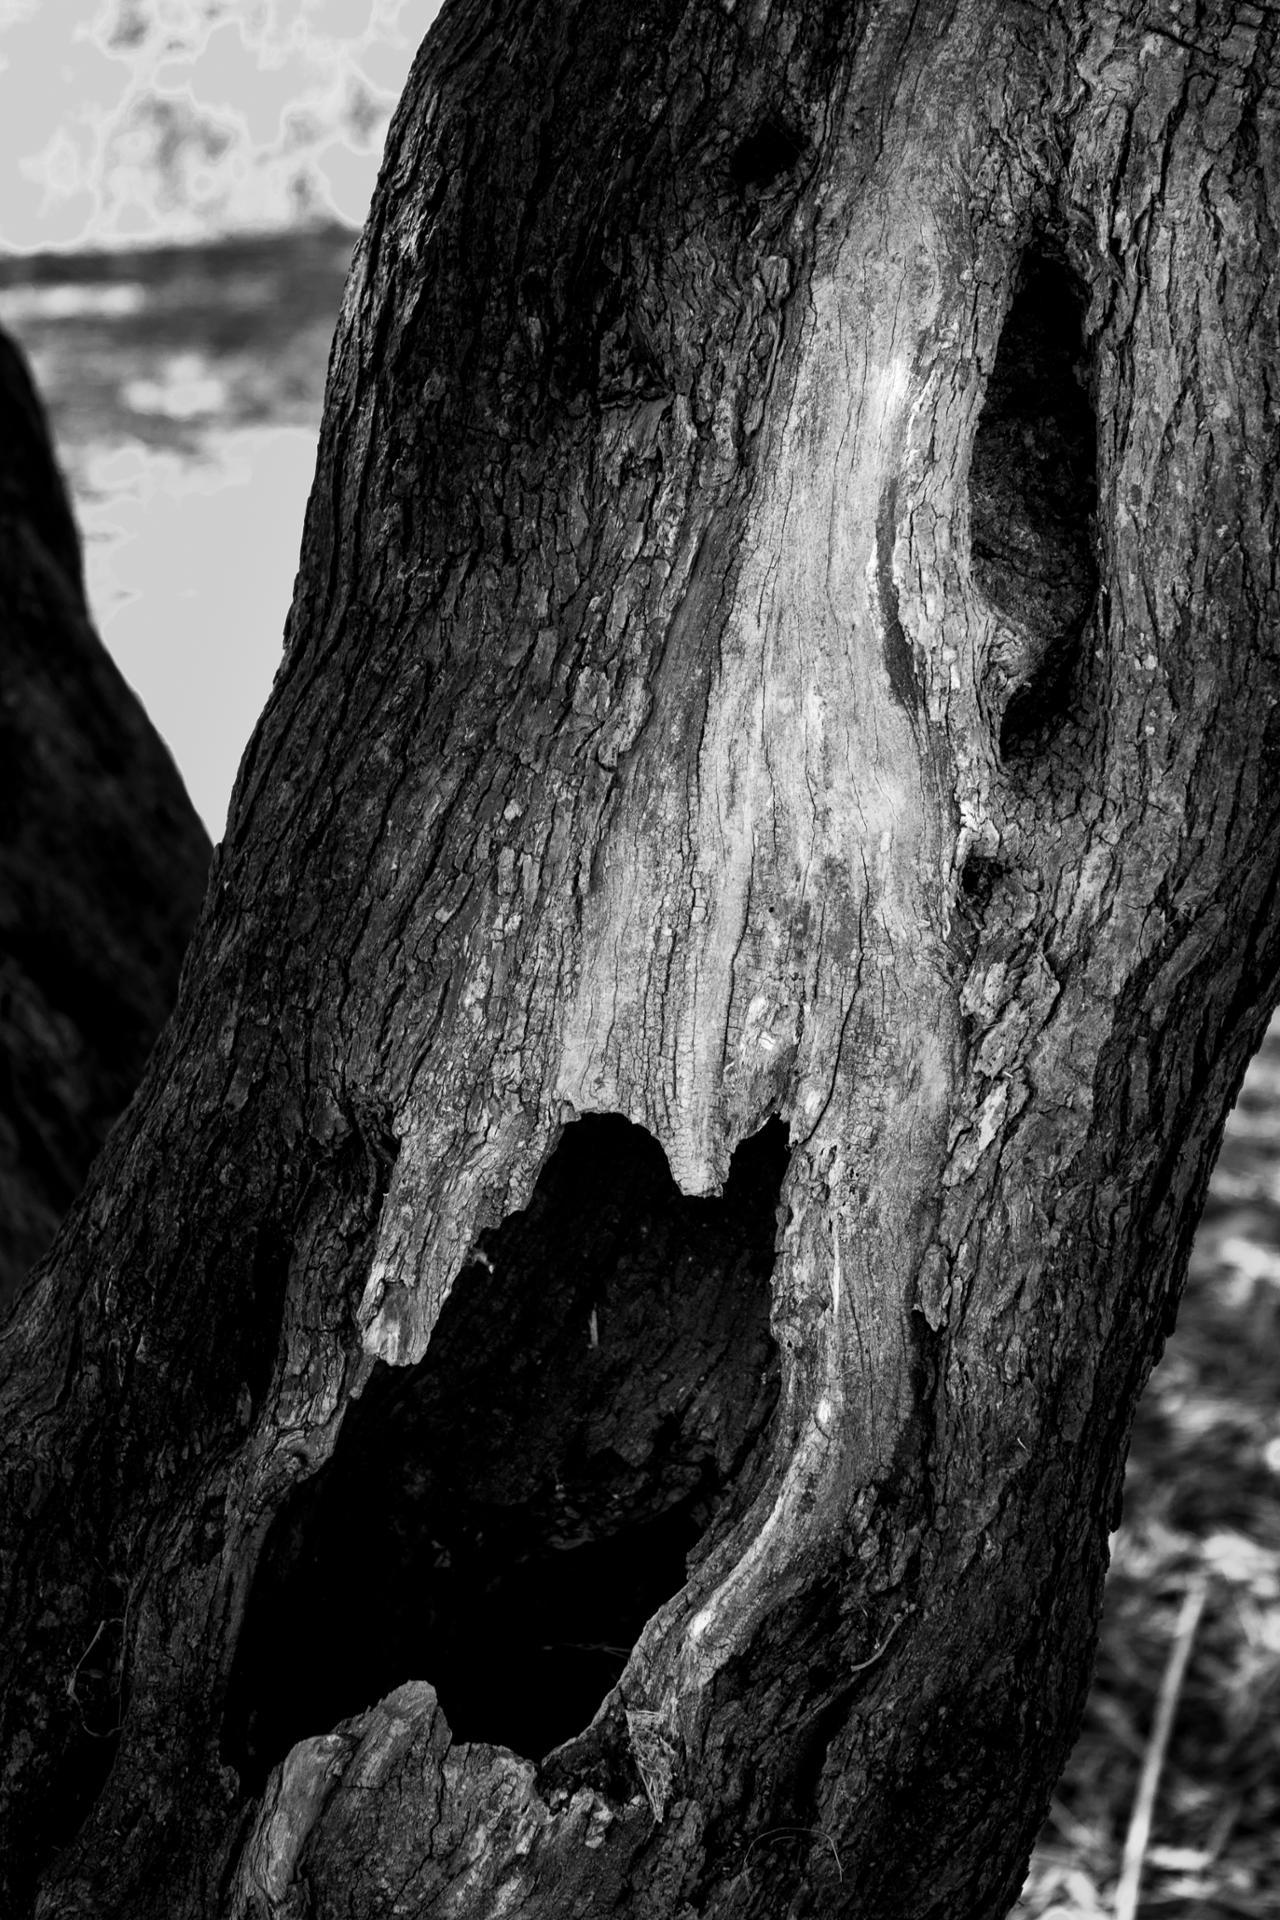 Le cri d'arbre